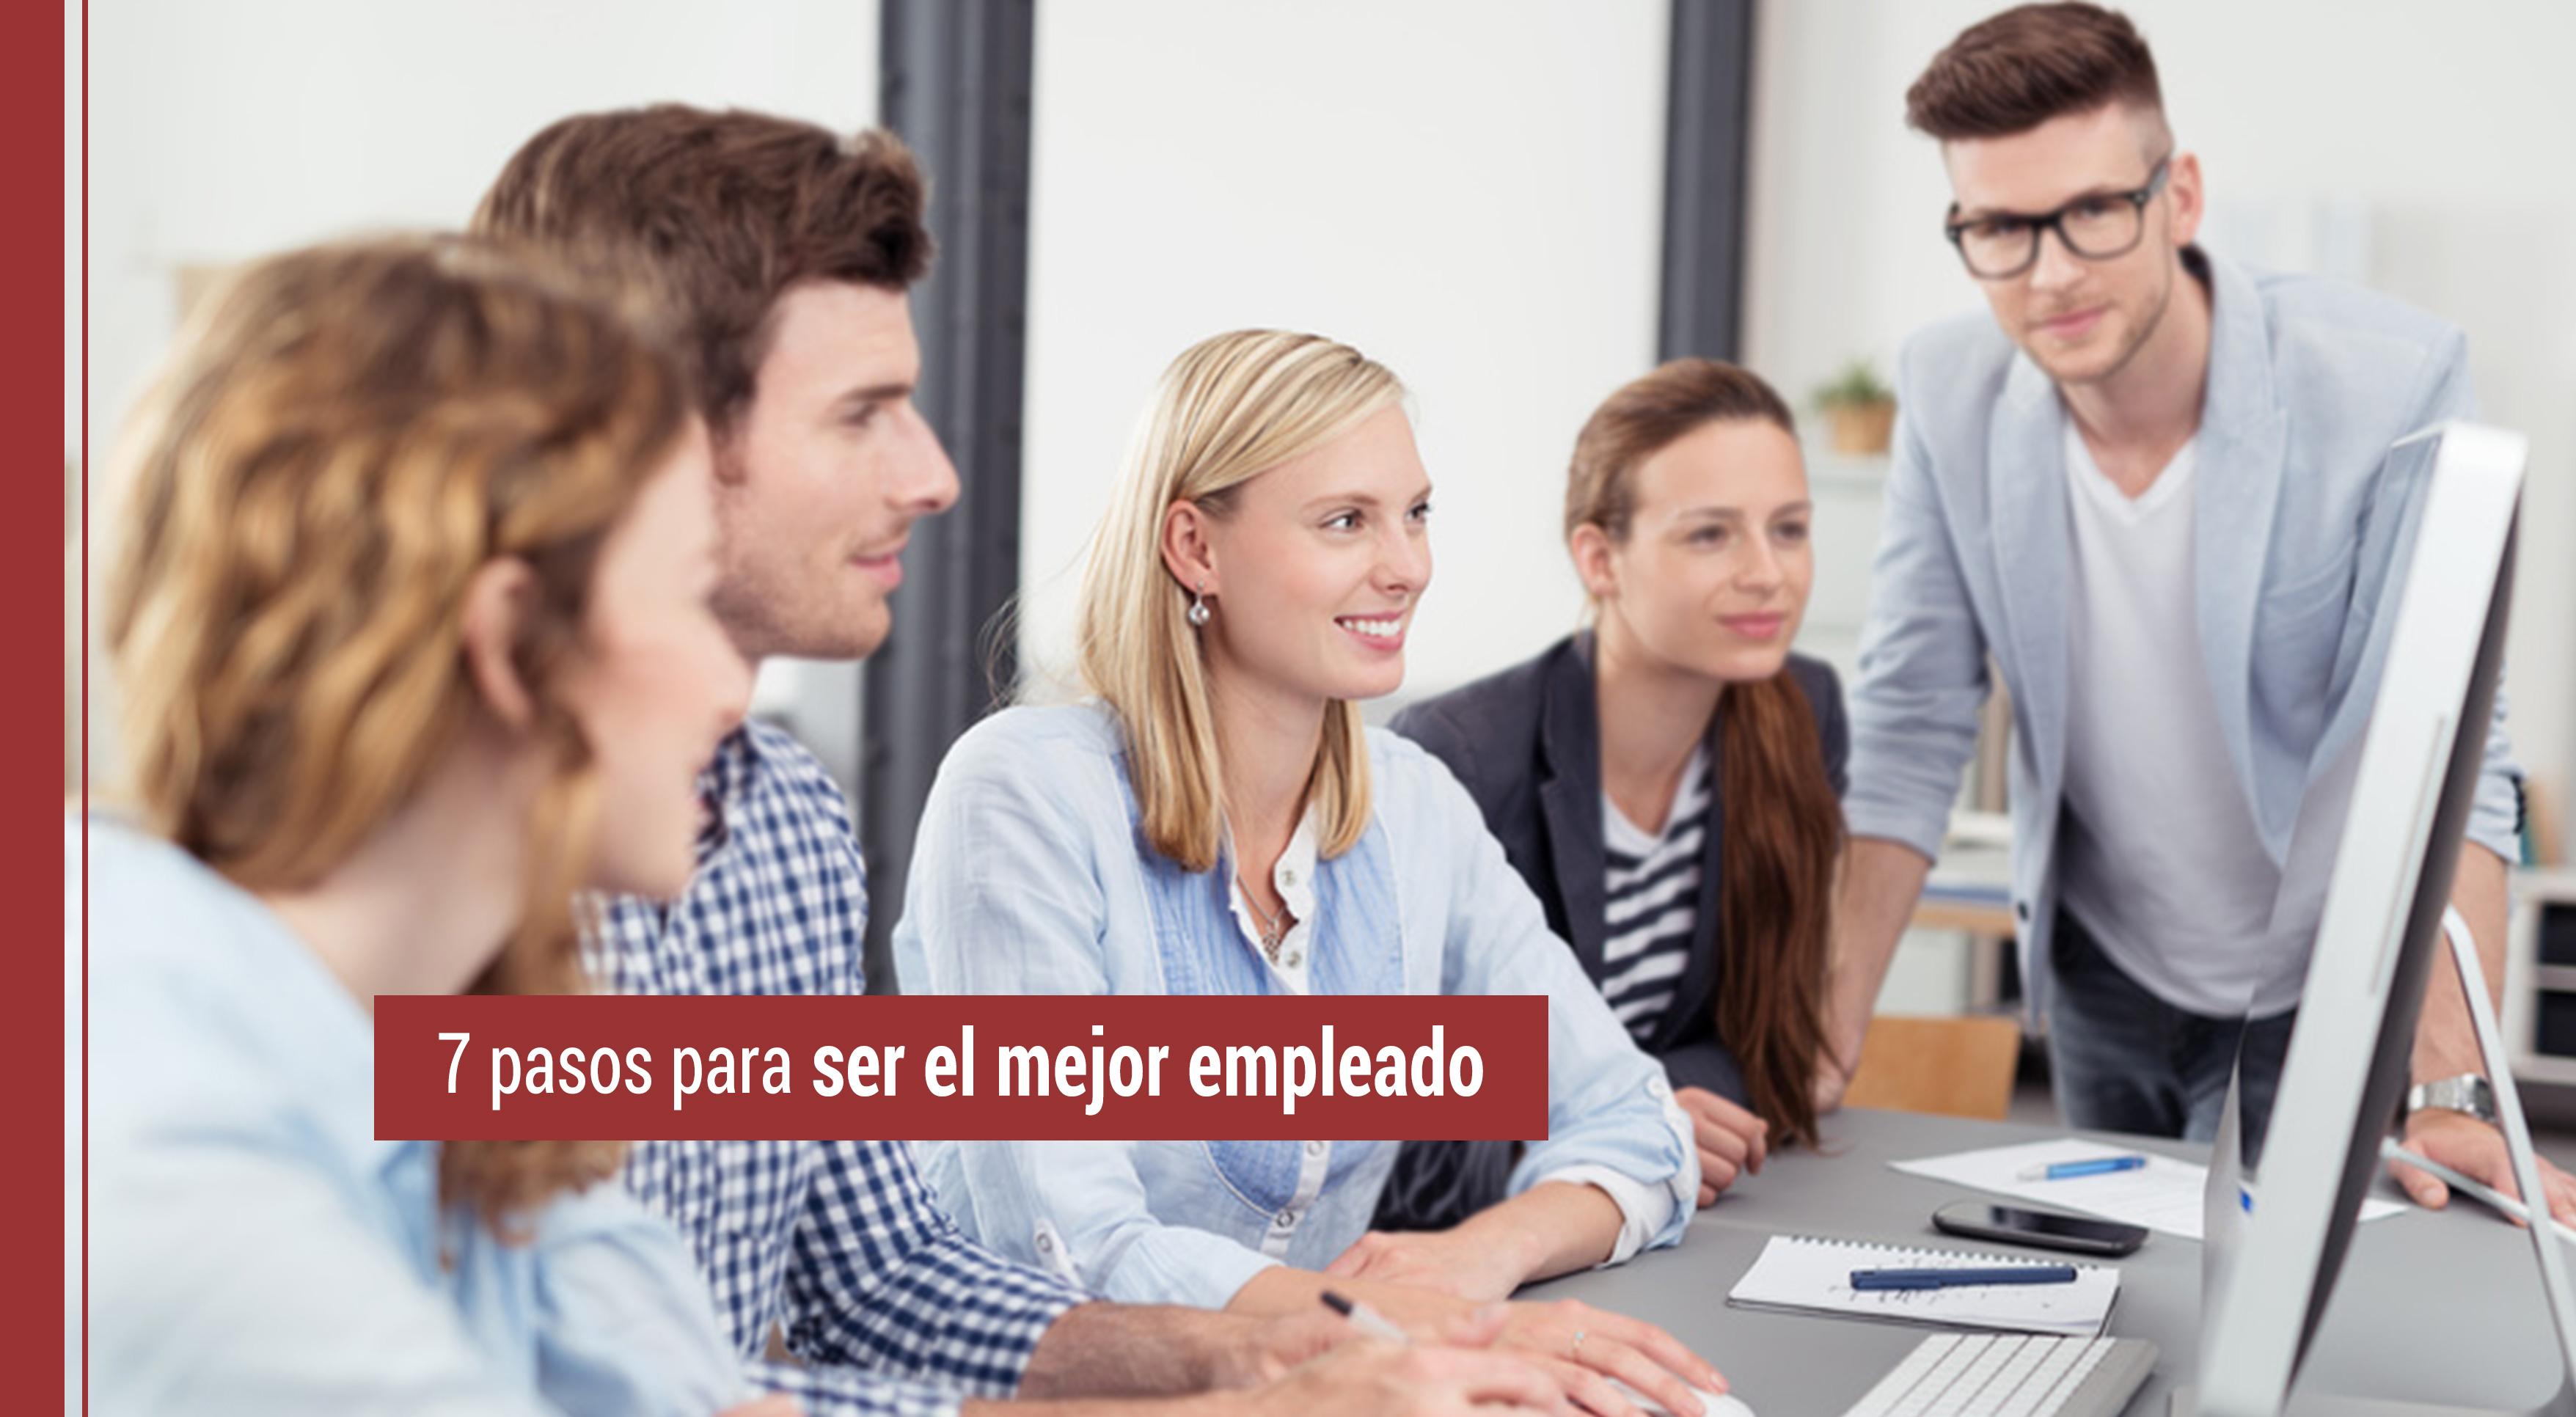 7-pasos-mejor-empleado-ascenso Cómo ser el mejor empleado y obtener ese ascenso en 7 pasos